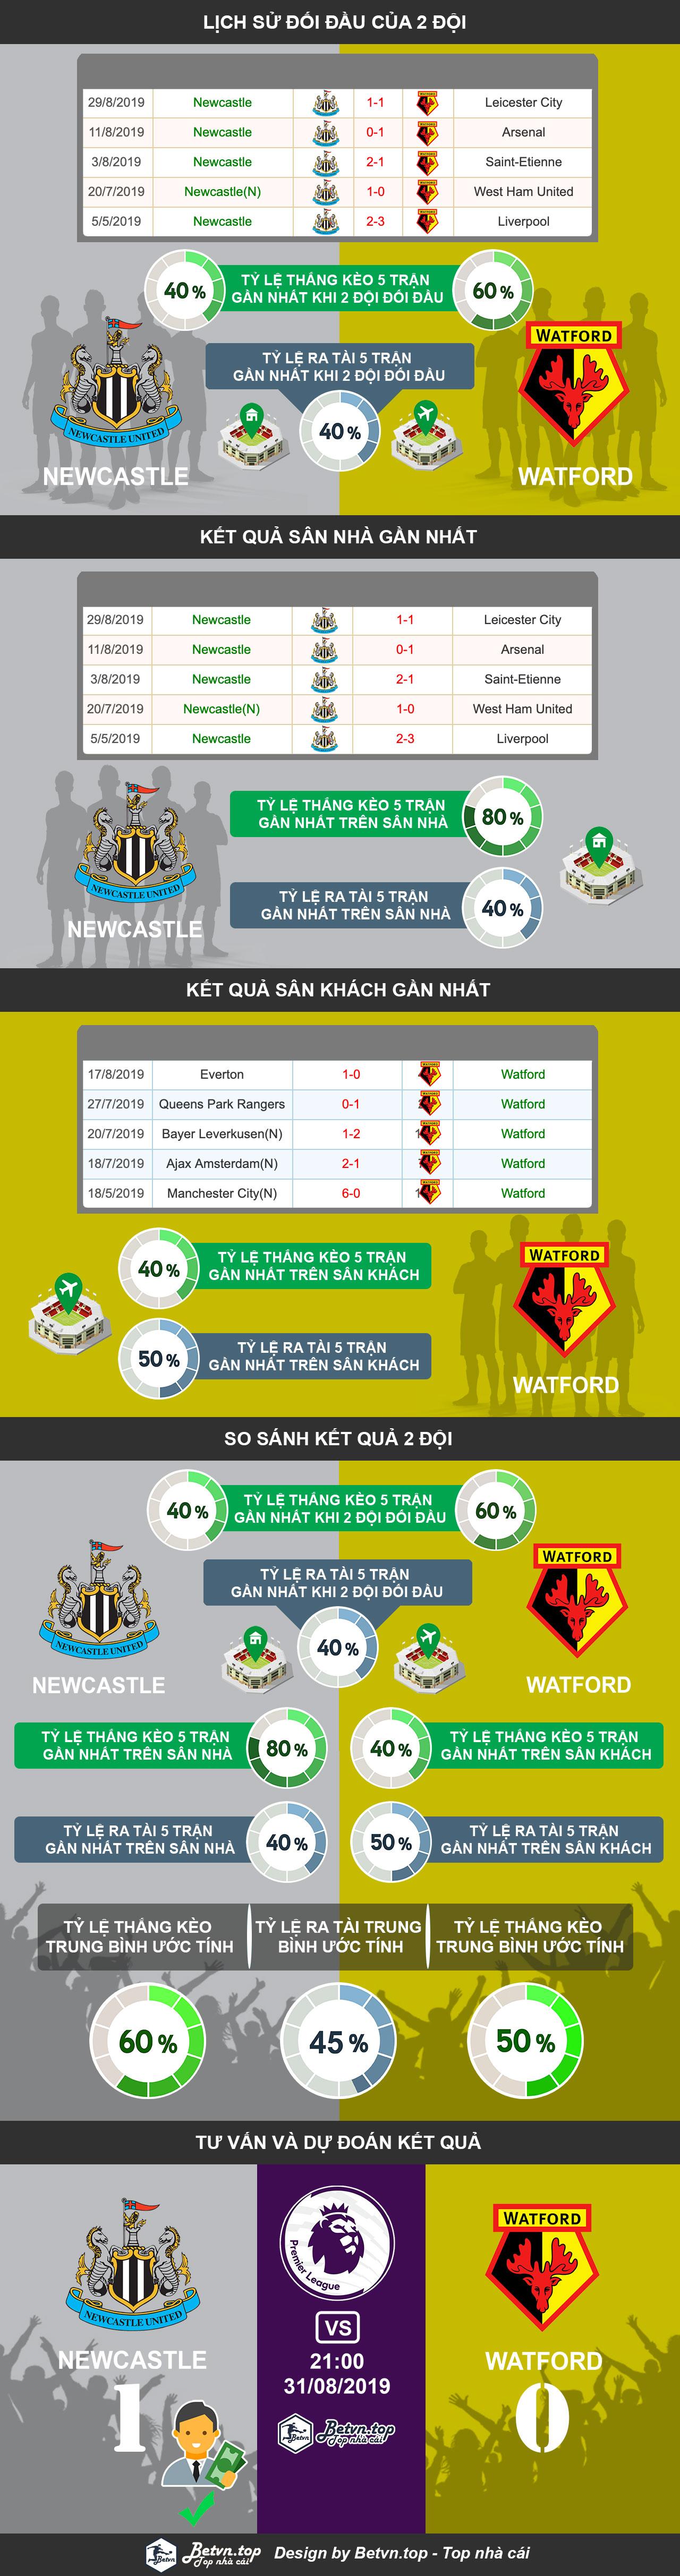 Phân tích tỷ lệ thắng kèo nhà cái cá độ bóng đá qua mạng uy tín nhất. Hướng dẫn cá độ bóng đá qua mạng Newcastle vs Watford, 21h00 31/08/2019 Ngoại hạng Anh